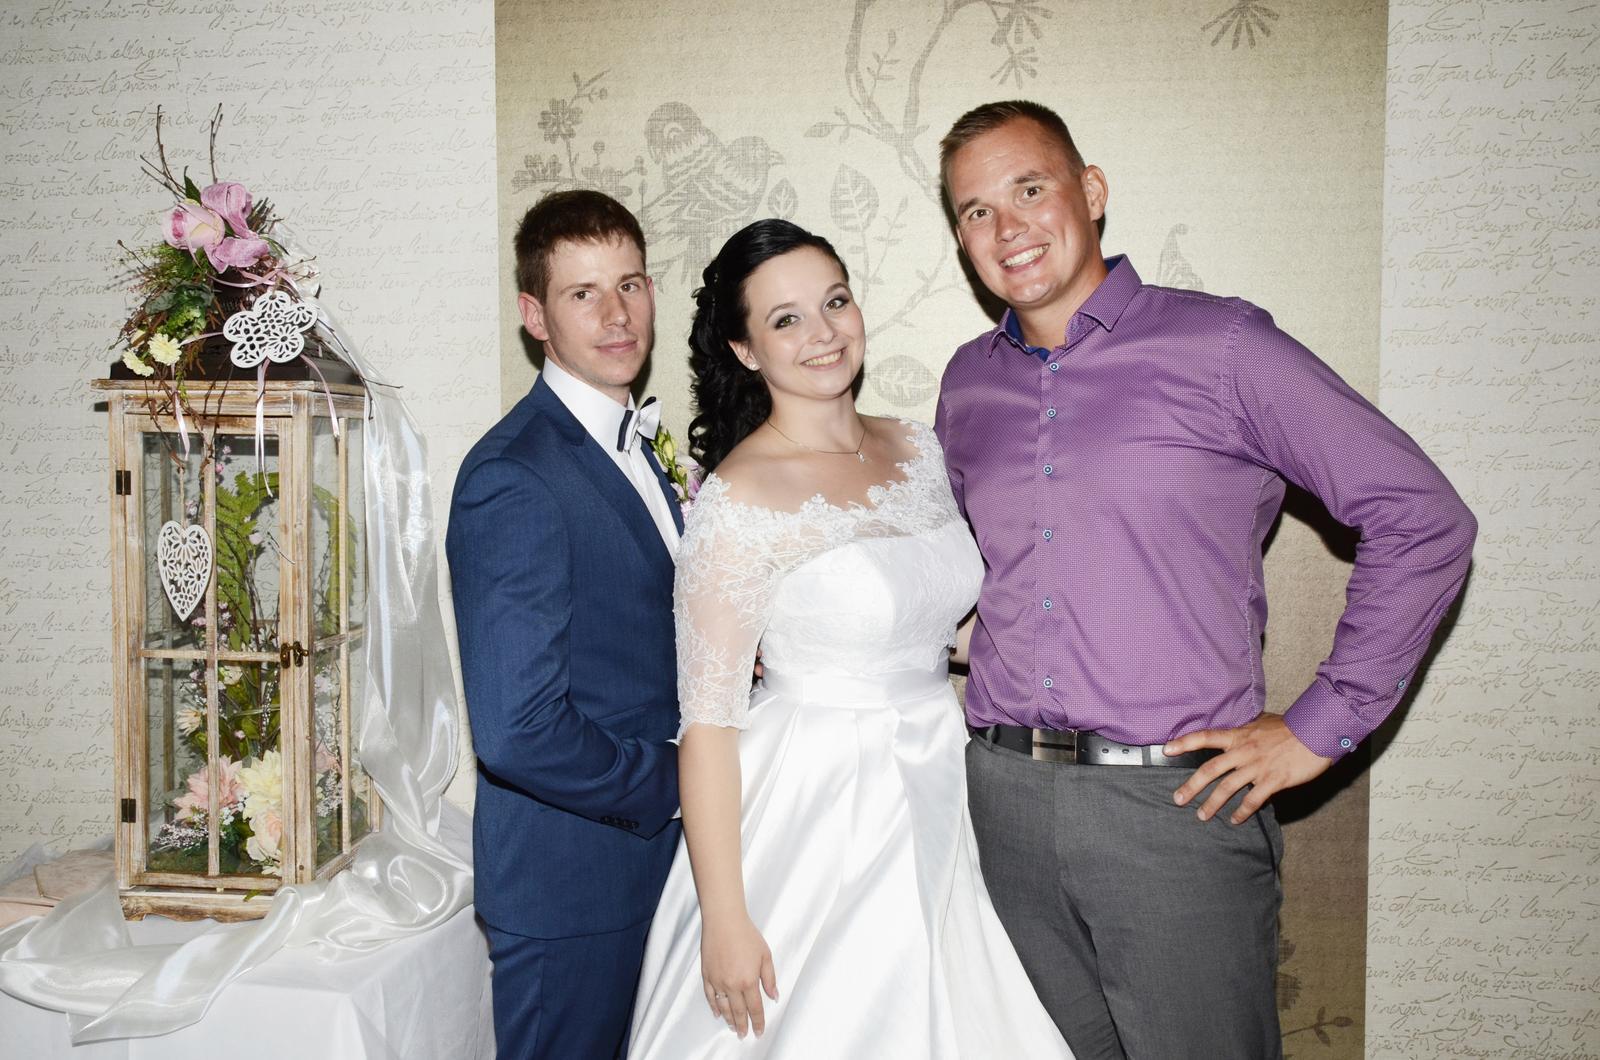 Tak svadbu sme mali... - Obrázok č. 1